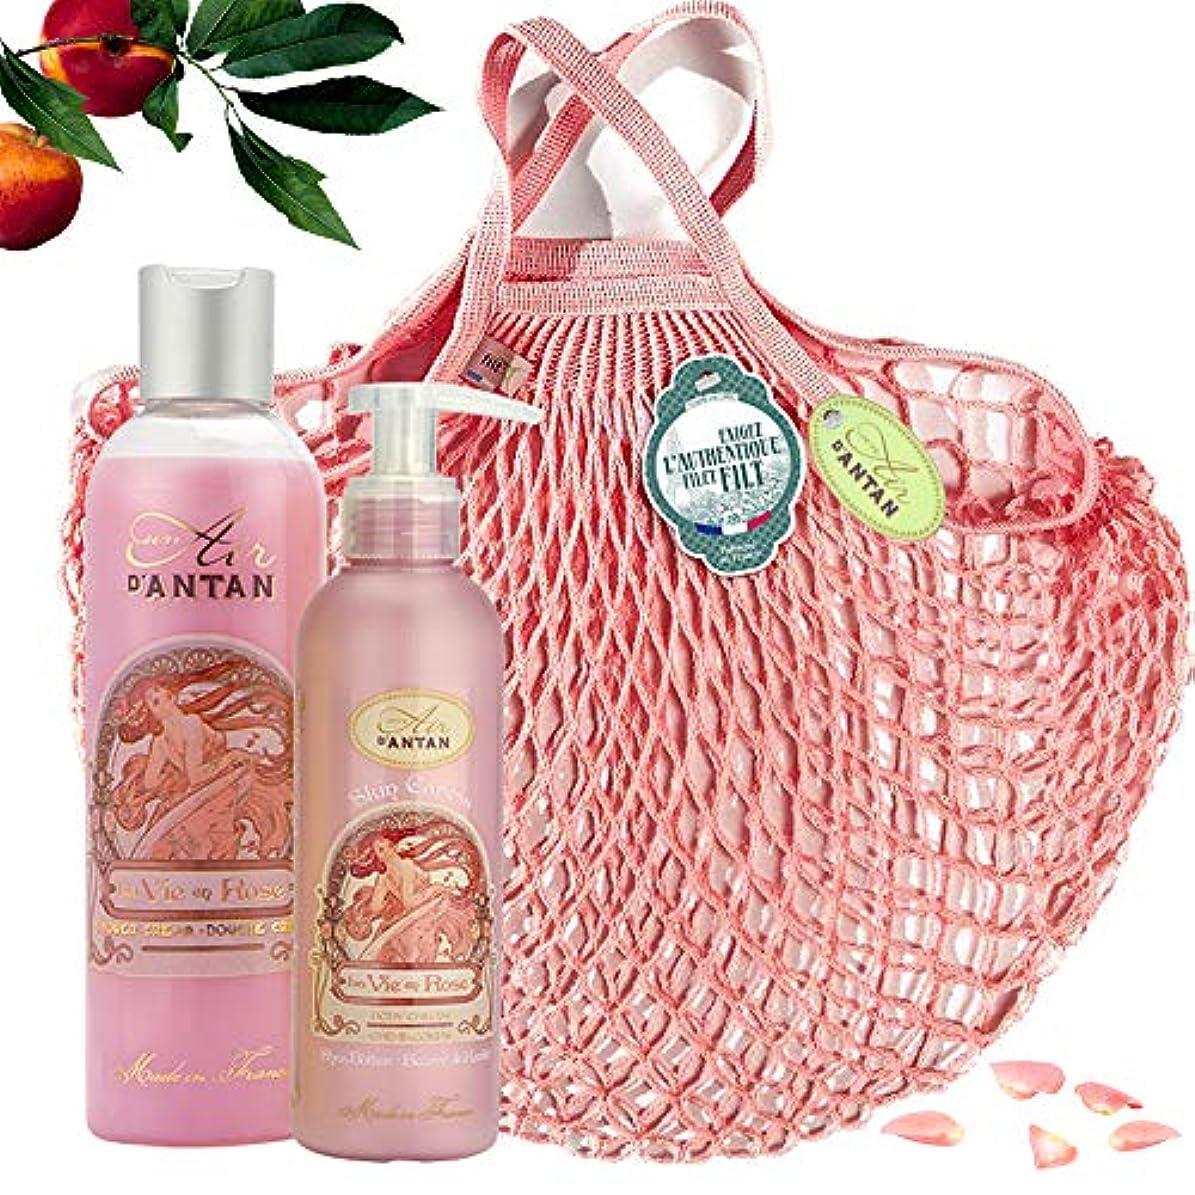 クッション密接に不機嫌ROSE Woman Beauty Set - ロトデュオバス&ネットフィットケア:1シャワージェル250ml、1ボディローションモイスチャライザー200ml - ピンクの香水、ピーチ、パチョリ - 記念日のギフトのアイデア...